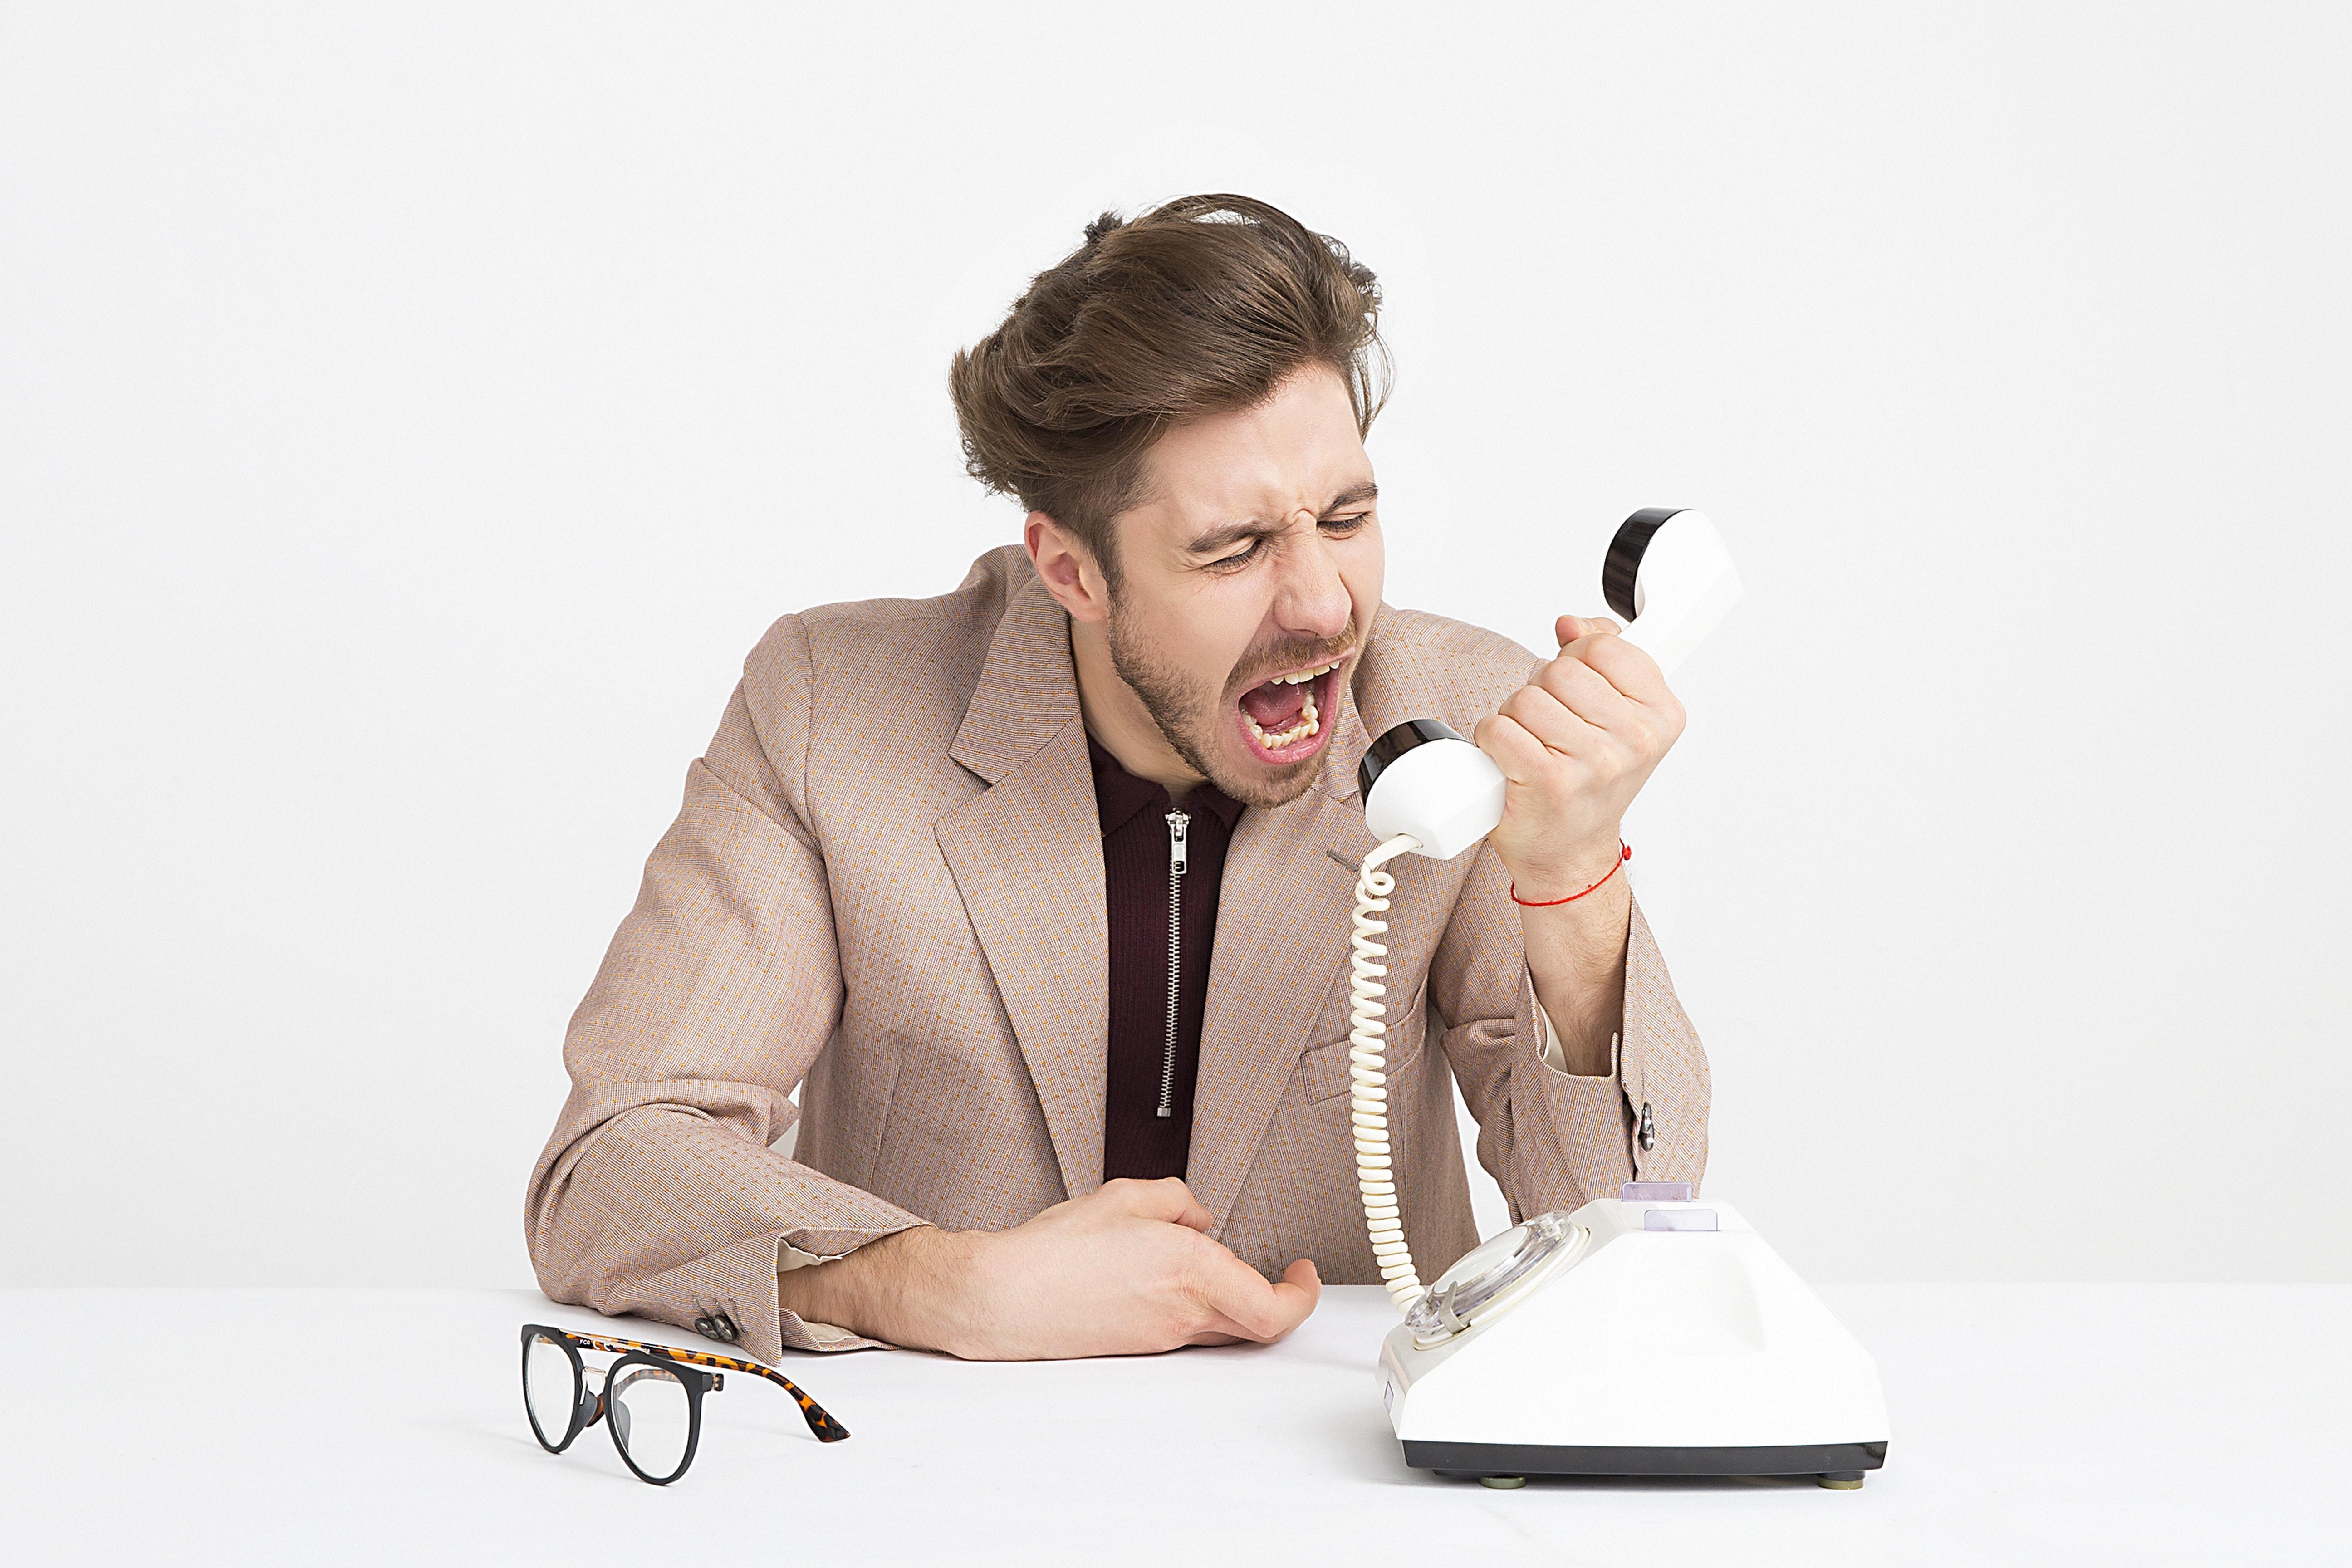 通话断续网络速度缓慢